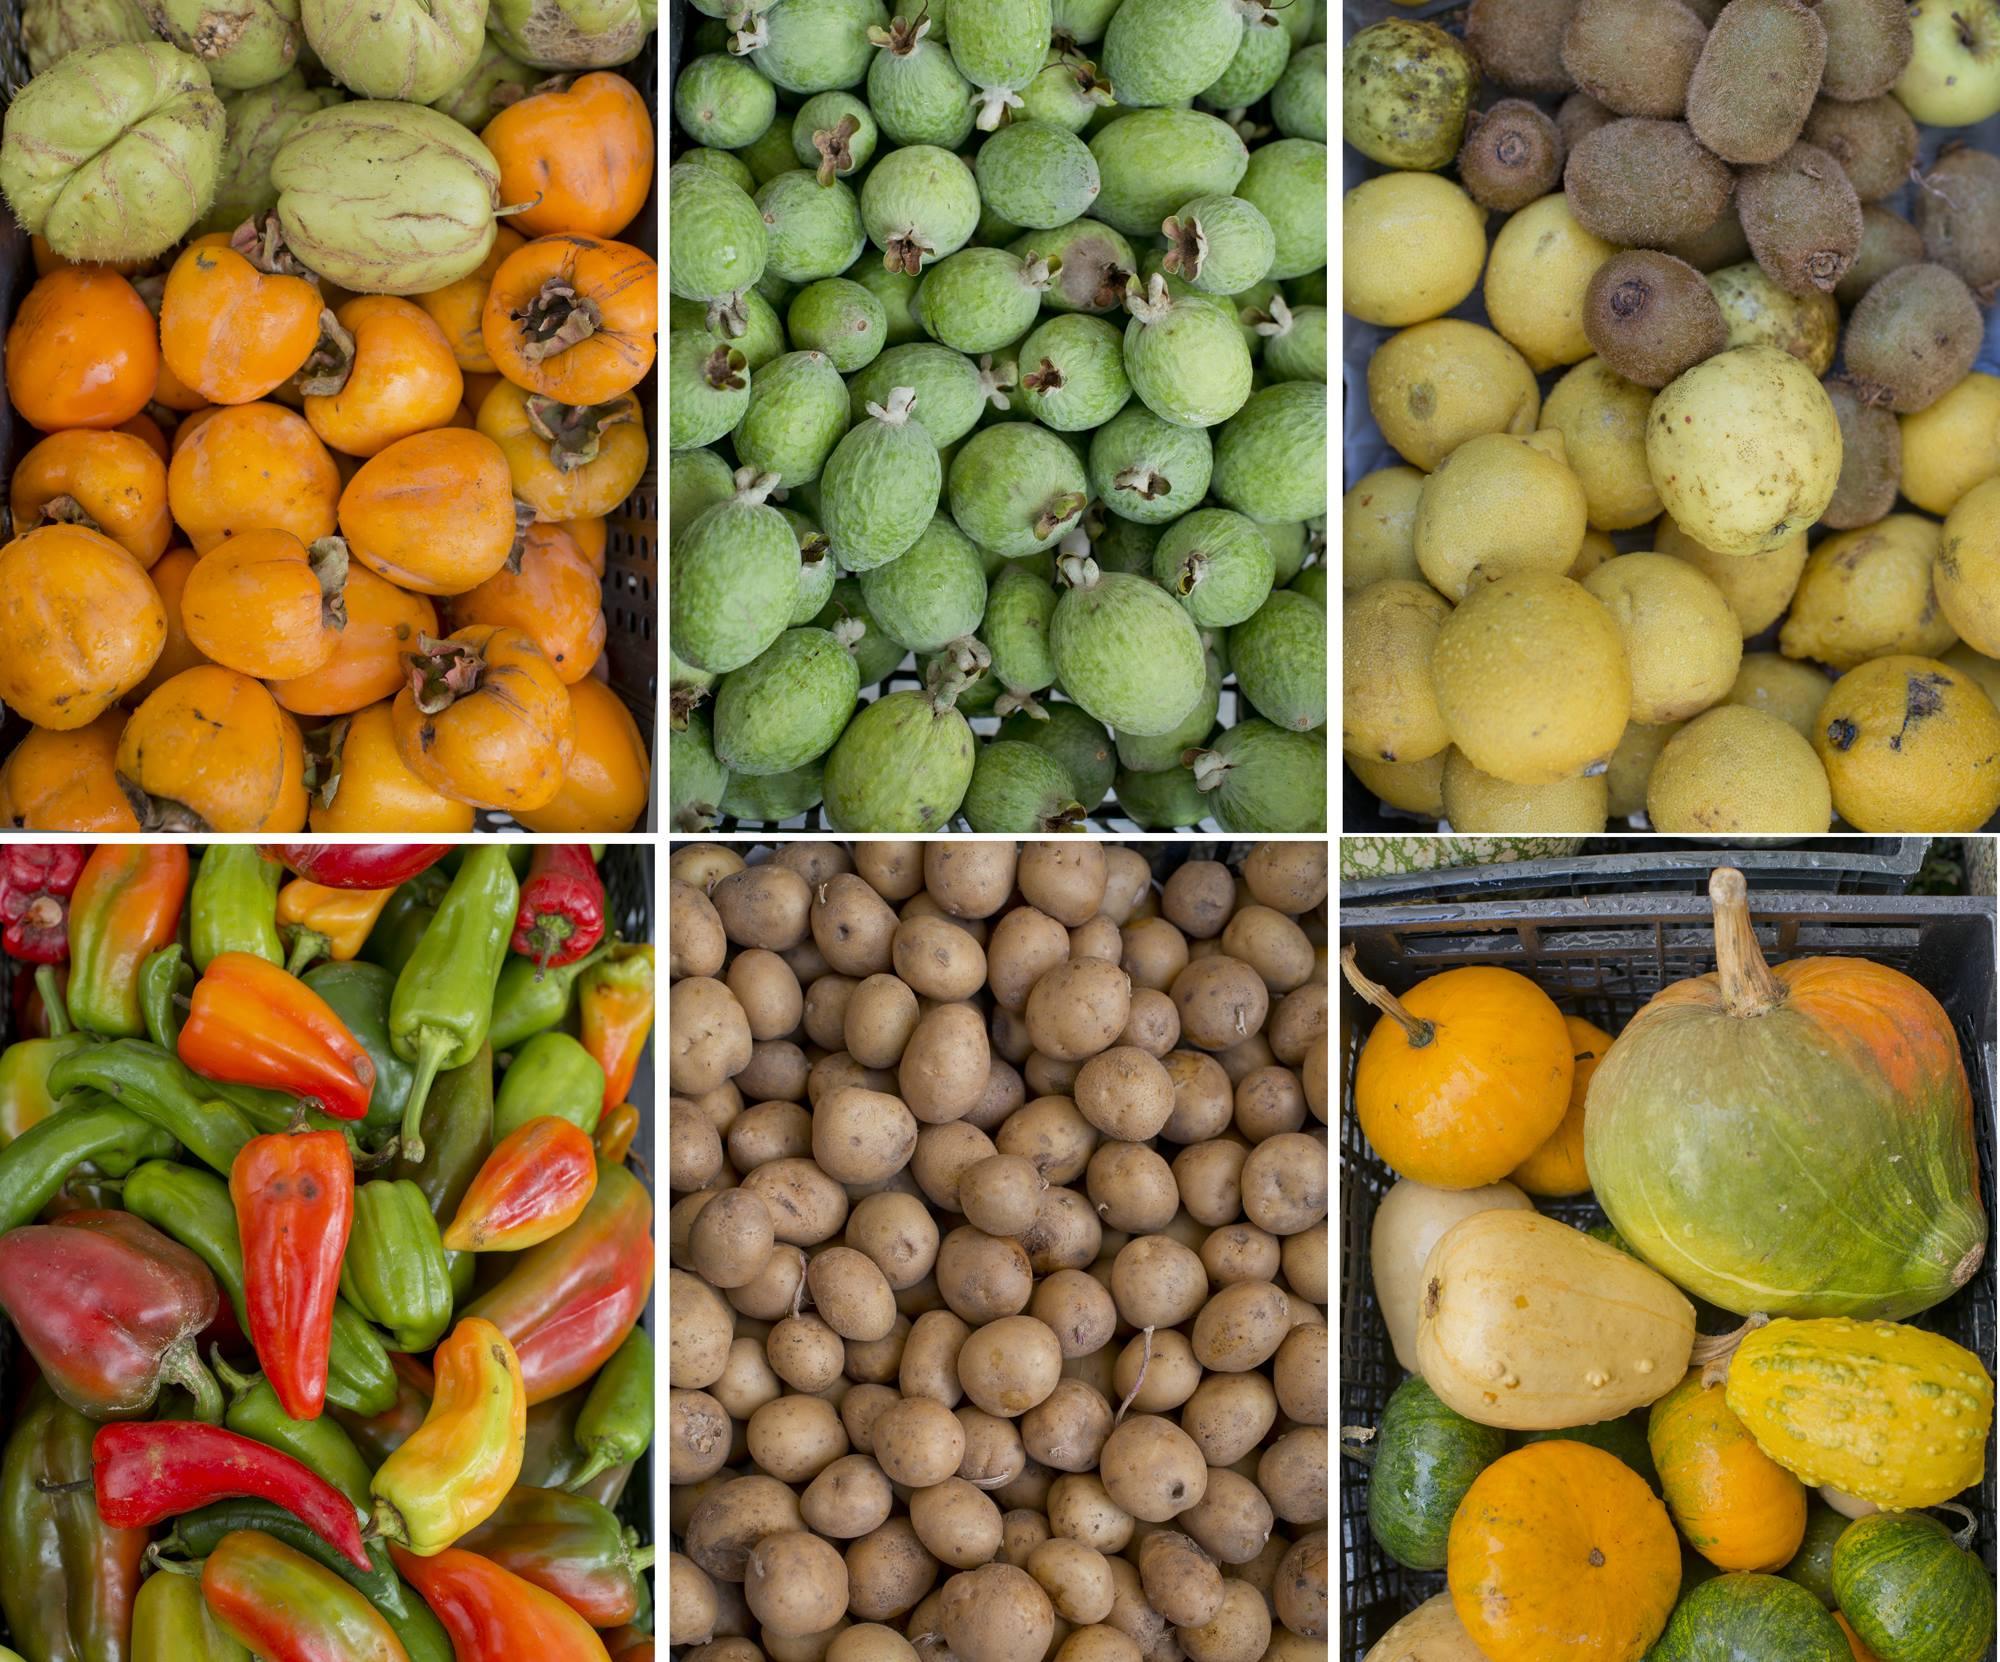 Caquis, aguacates, manzanas, kiwis, pimientos, patatas y calabazas. La cosecha de las paisanas.